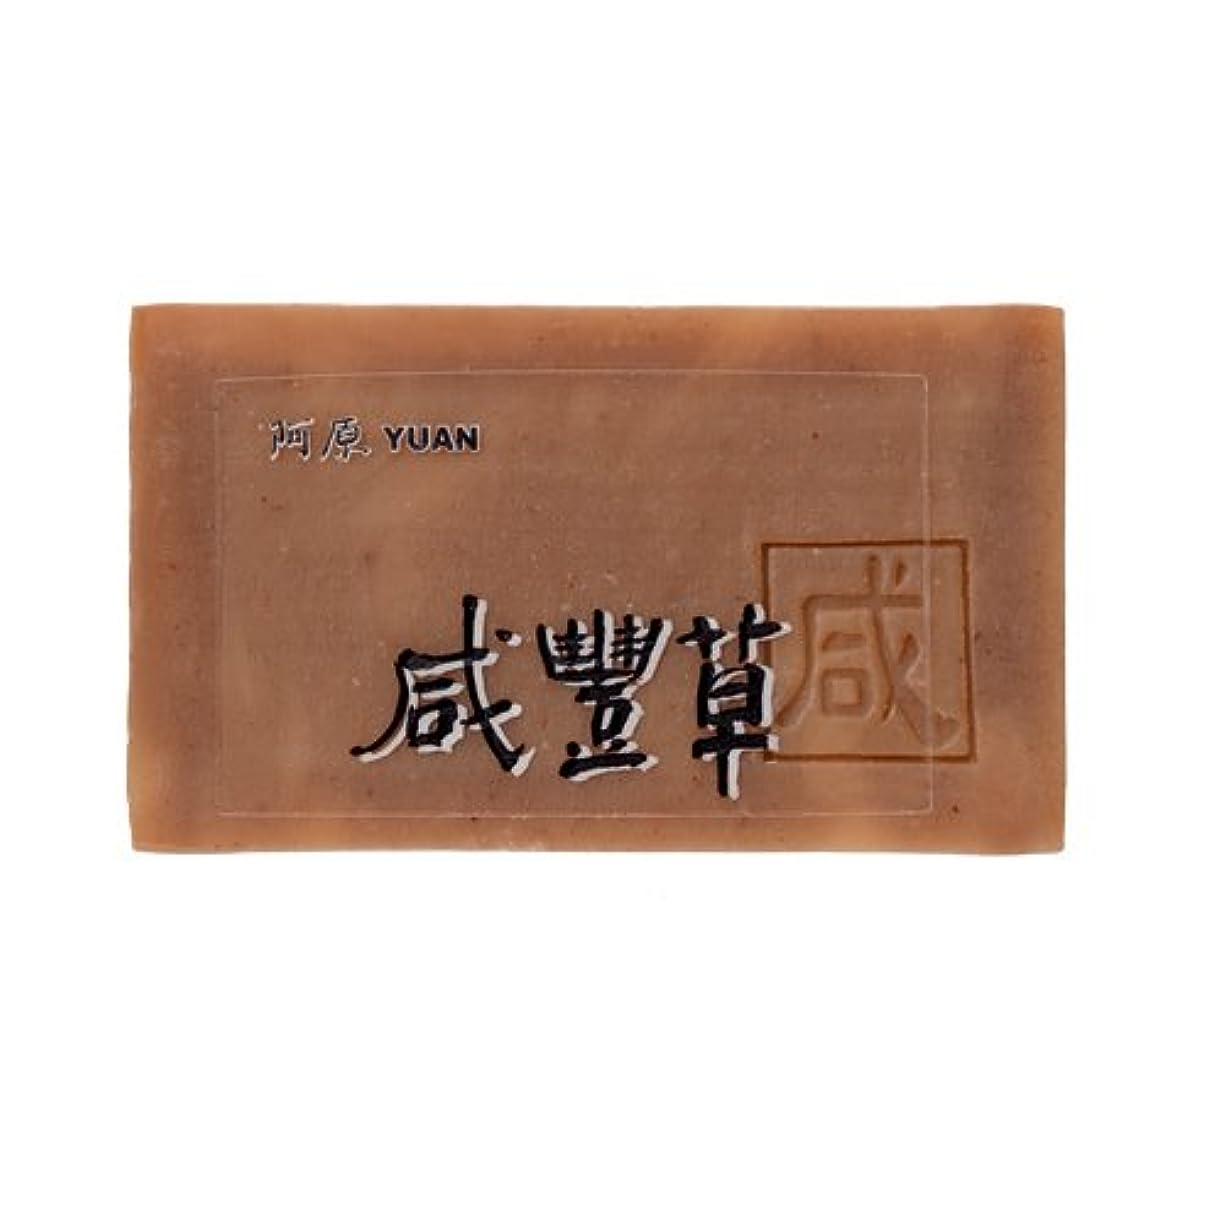 赤字名詞検出ユアン(YUAN) ユアンソープ コシロノセンダングサソープ 100g (阿原 石けん 台湾コスメ)